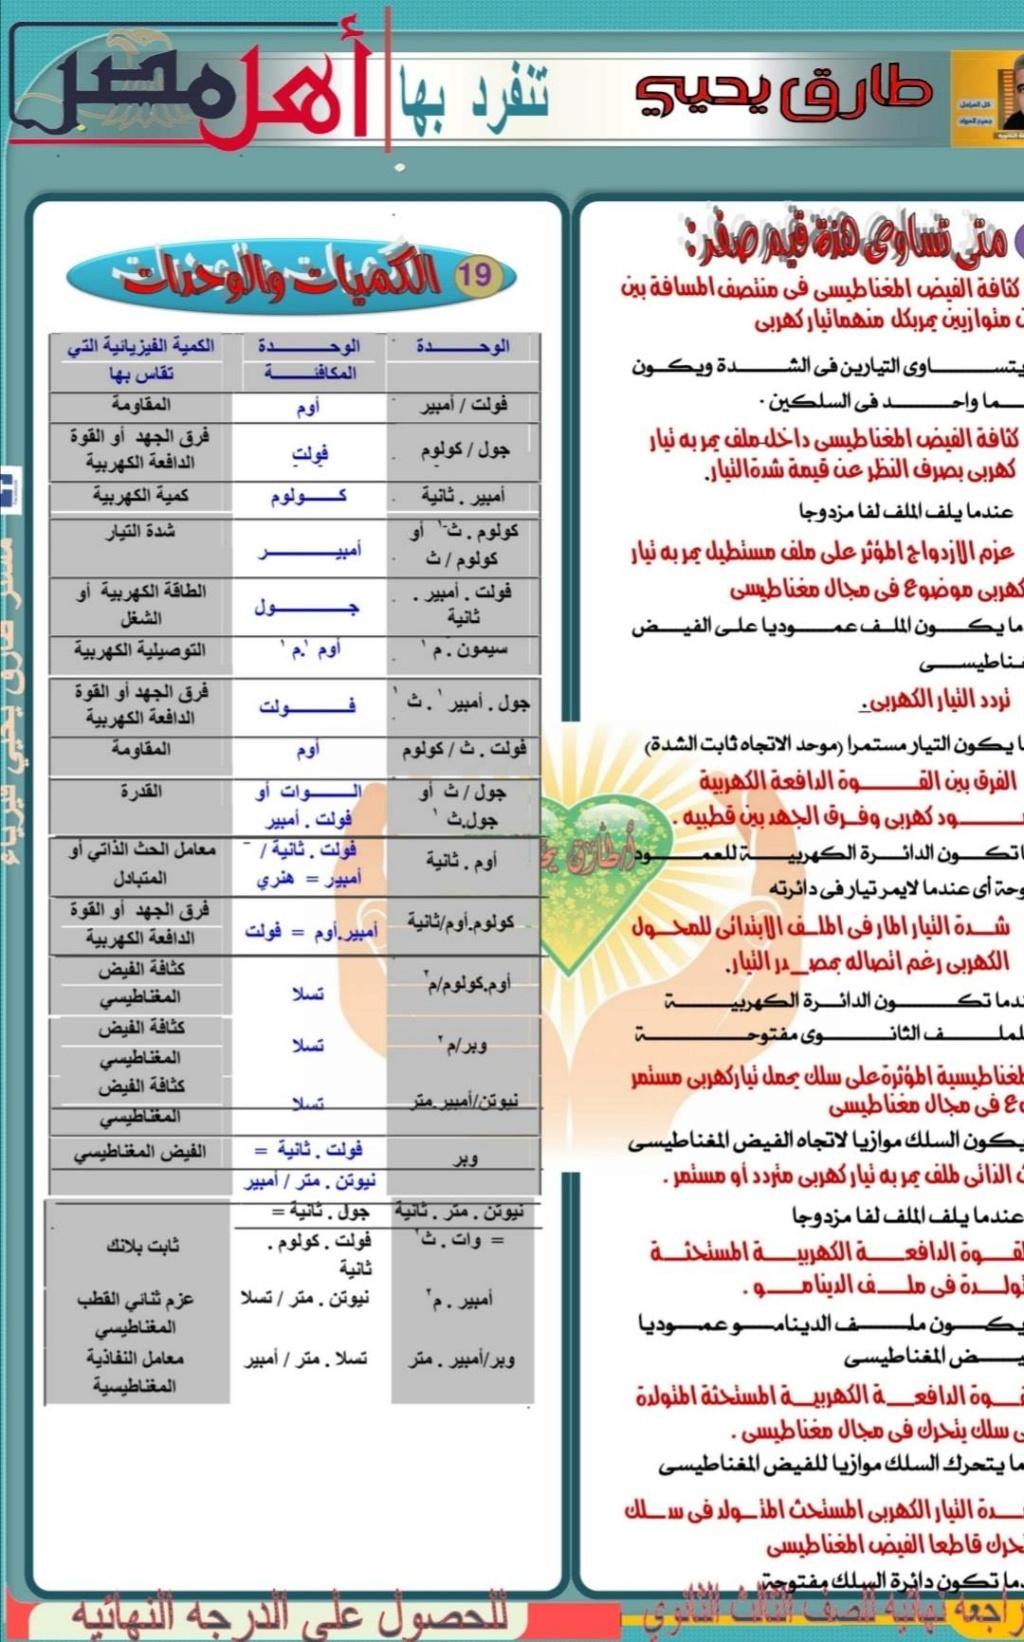 التوقعات والمراجعة النهائية لمستر طارق يحيي لامتحان فيزياء الثانوية العامة 47726